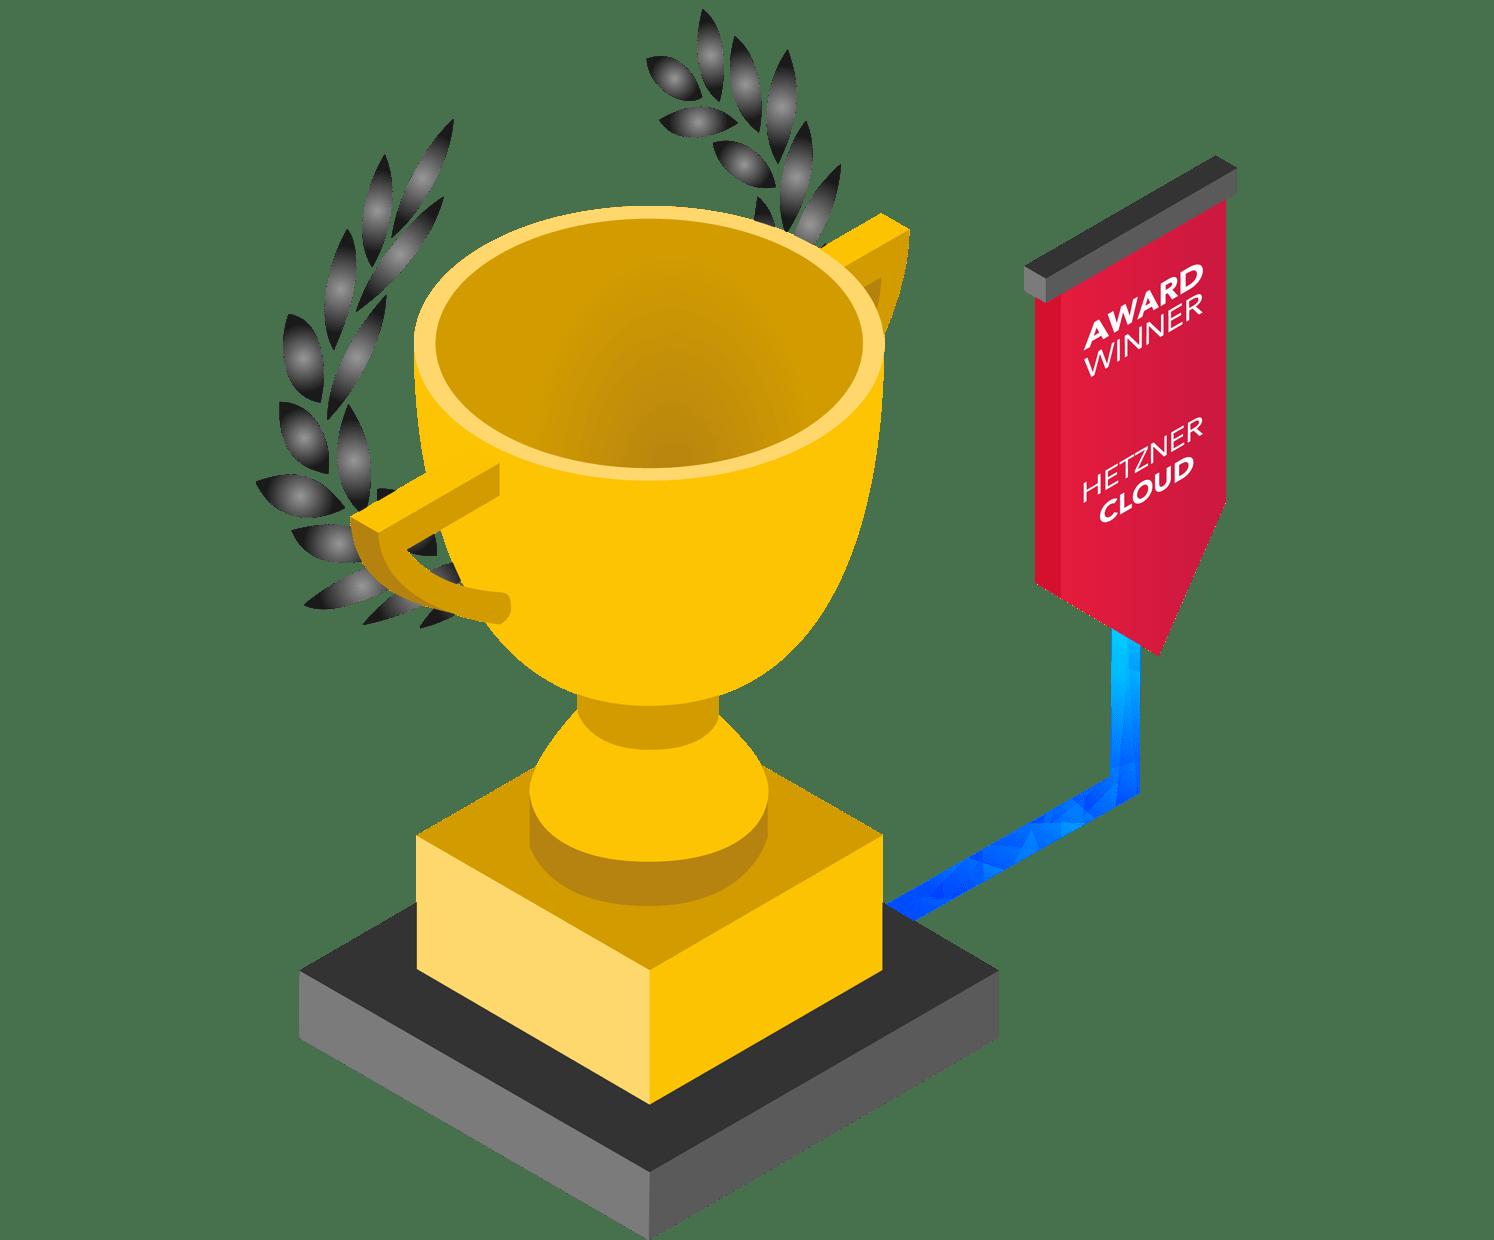 The Hawaii Agency Award Winning Cloud Servers Hetzner app website design